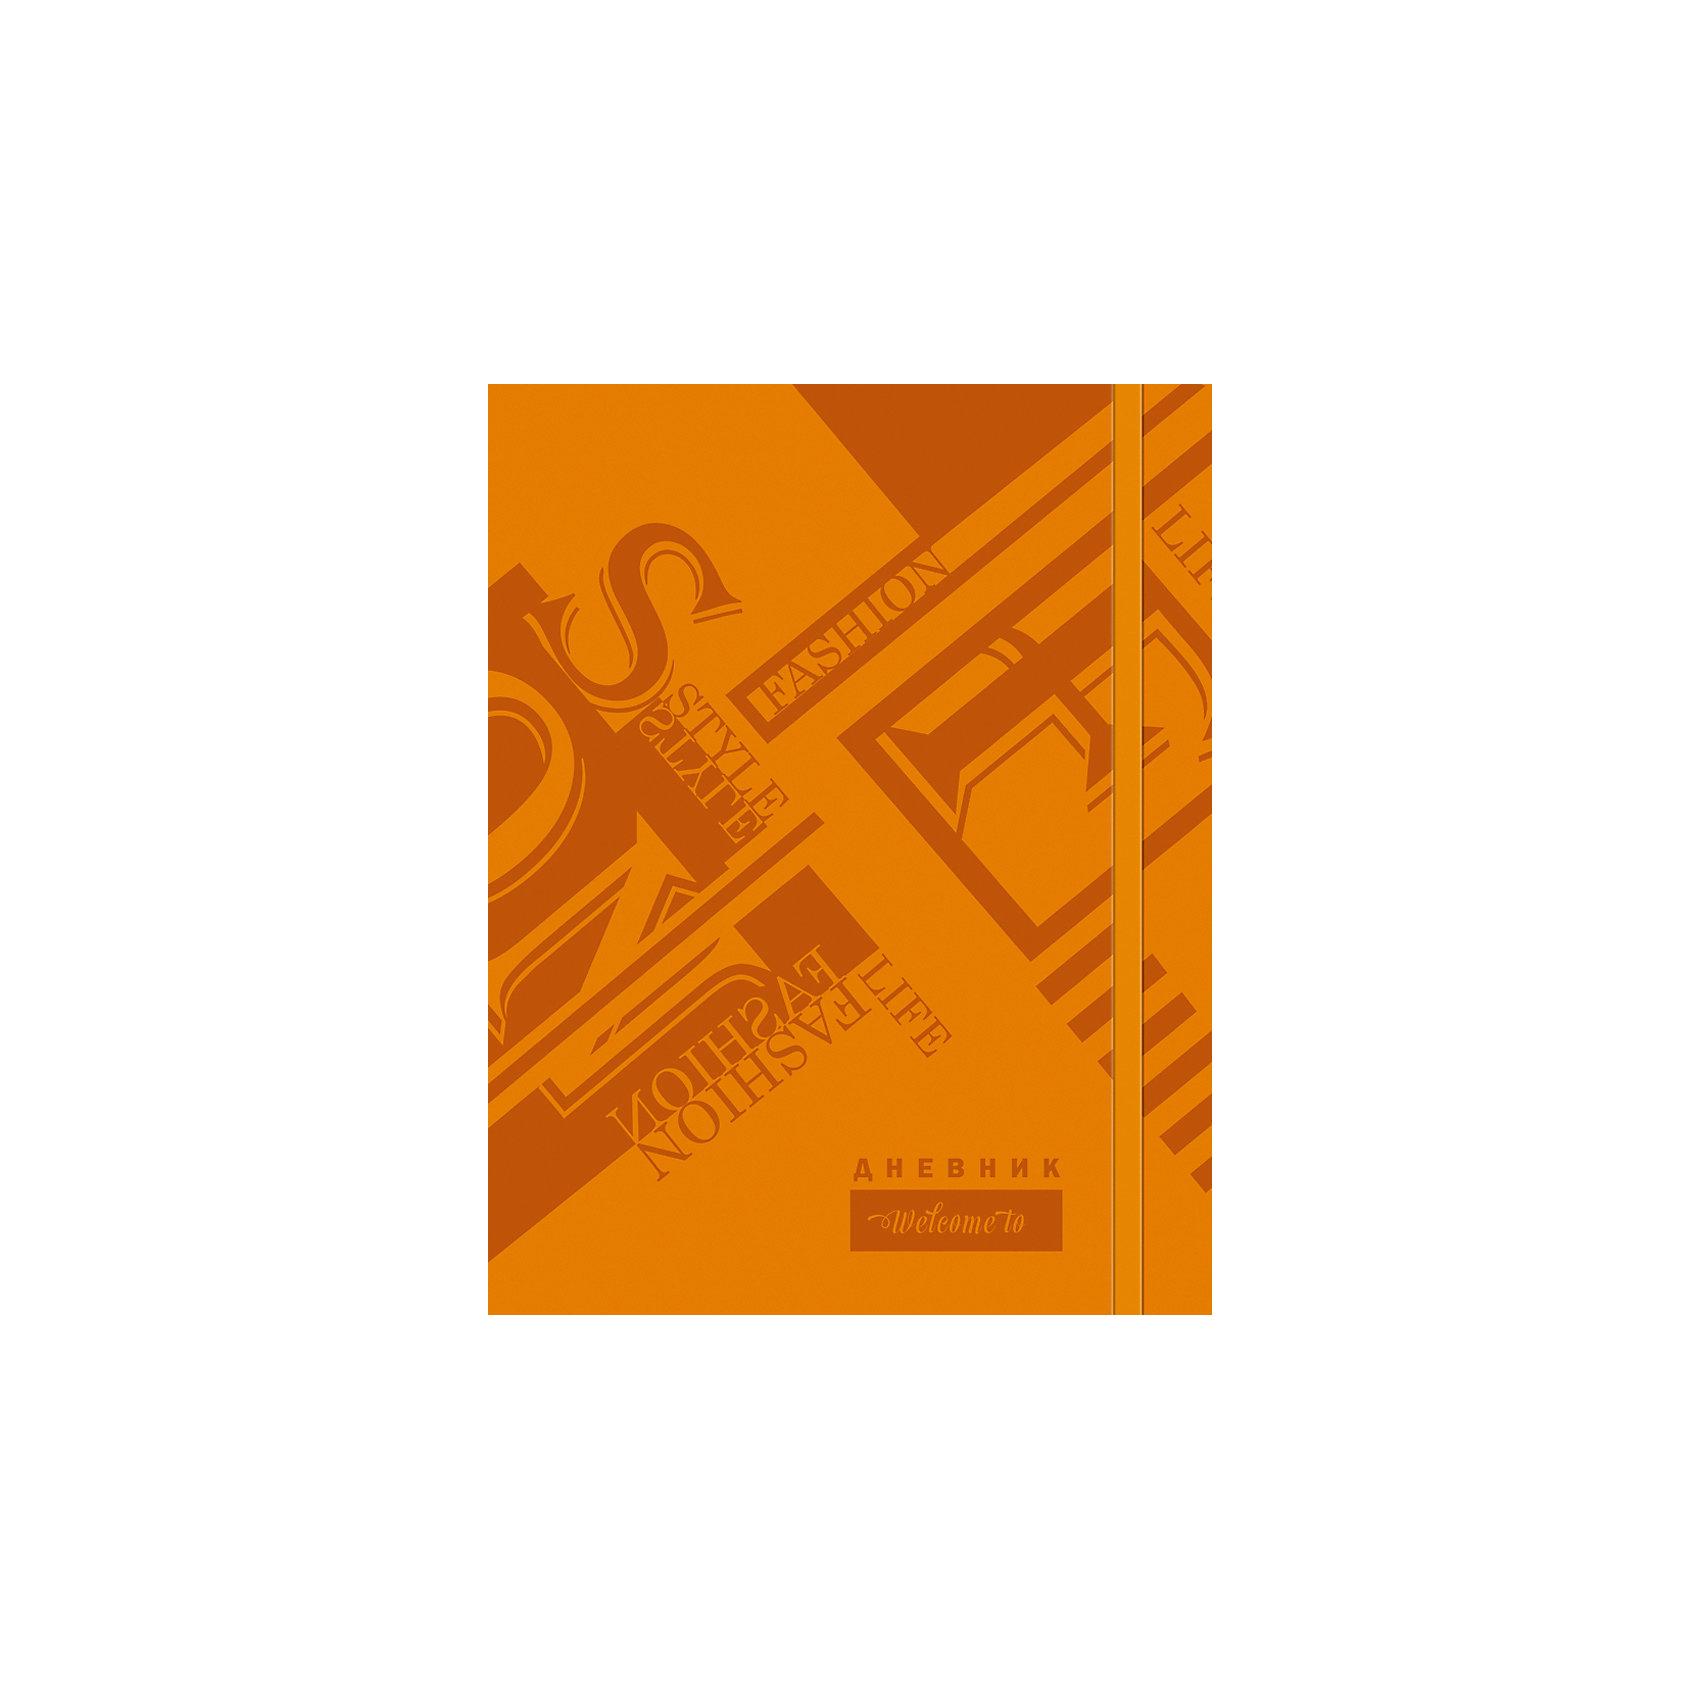 Дневник. Универсальный блок.Бумажная продукция<br>ДНЕВНИК УНИВЕРСАЛЬНЫЙ.Интегральный переплет с использованием итальянских переплетных материалов, с тиснением, цветочный орнамент, с резинкой. Внутренний блок -  70 г/м2., незапечатанный форзац.<br><br>Ширина мм: 215<br>Глубина мм: 170<br>Высота мм: 5<br>Вес г: 210<br>Возраст от месяцев: 36<br>Возраст до месяцев: 216<br>Пол: Унисекс<br>Возраст: Детский<br>SKU: 6992536